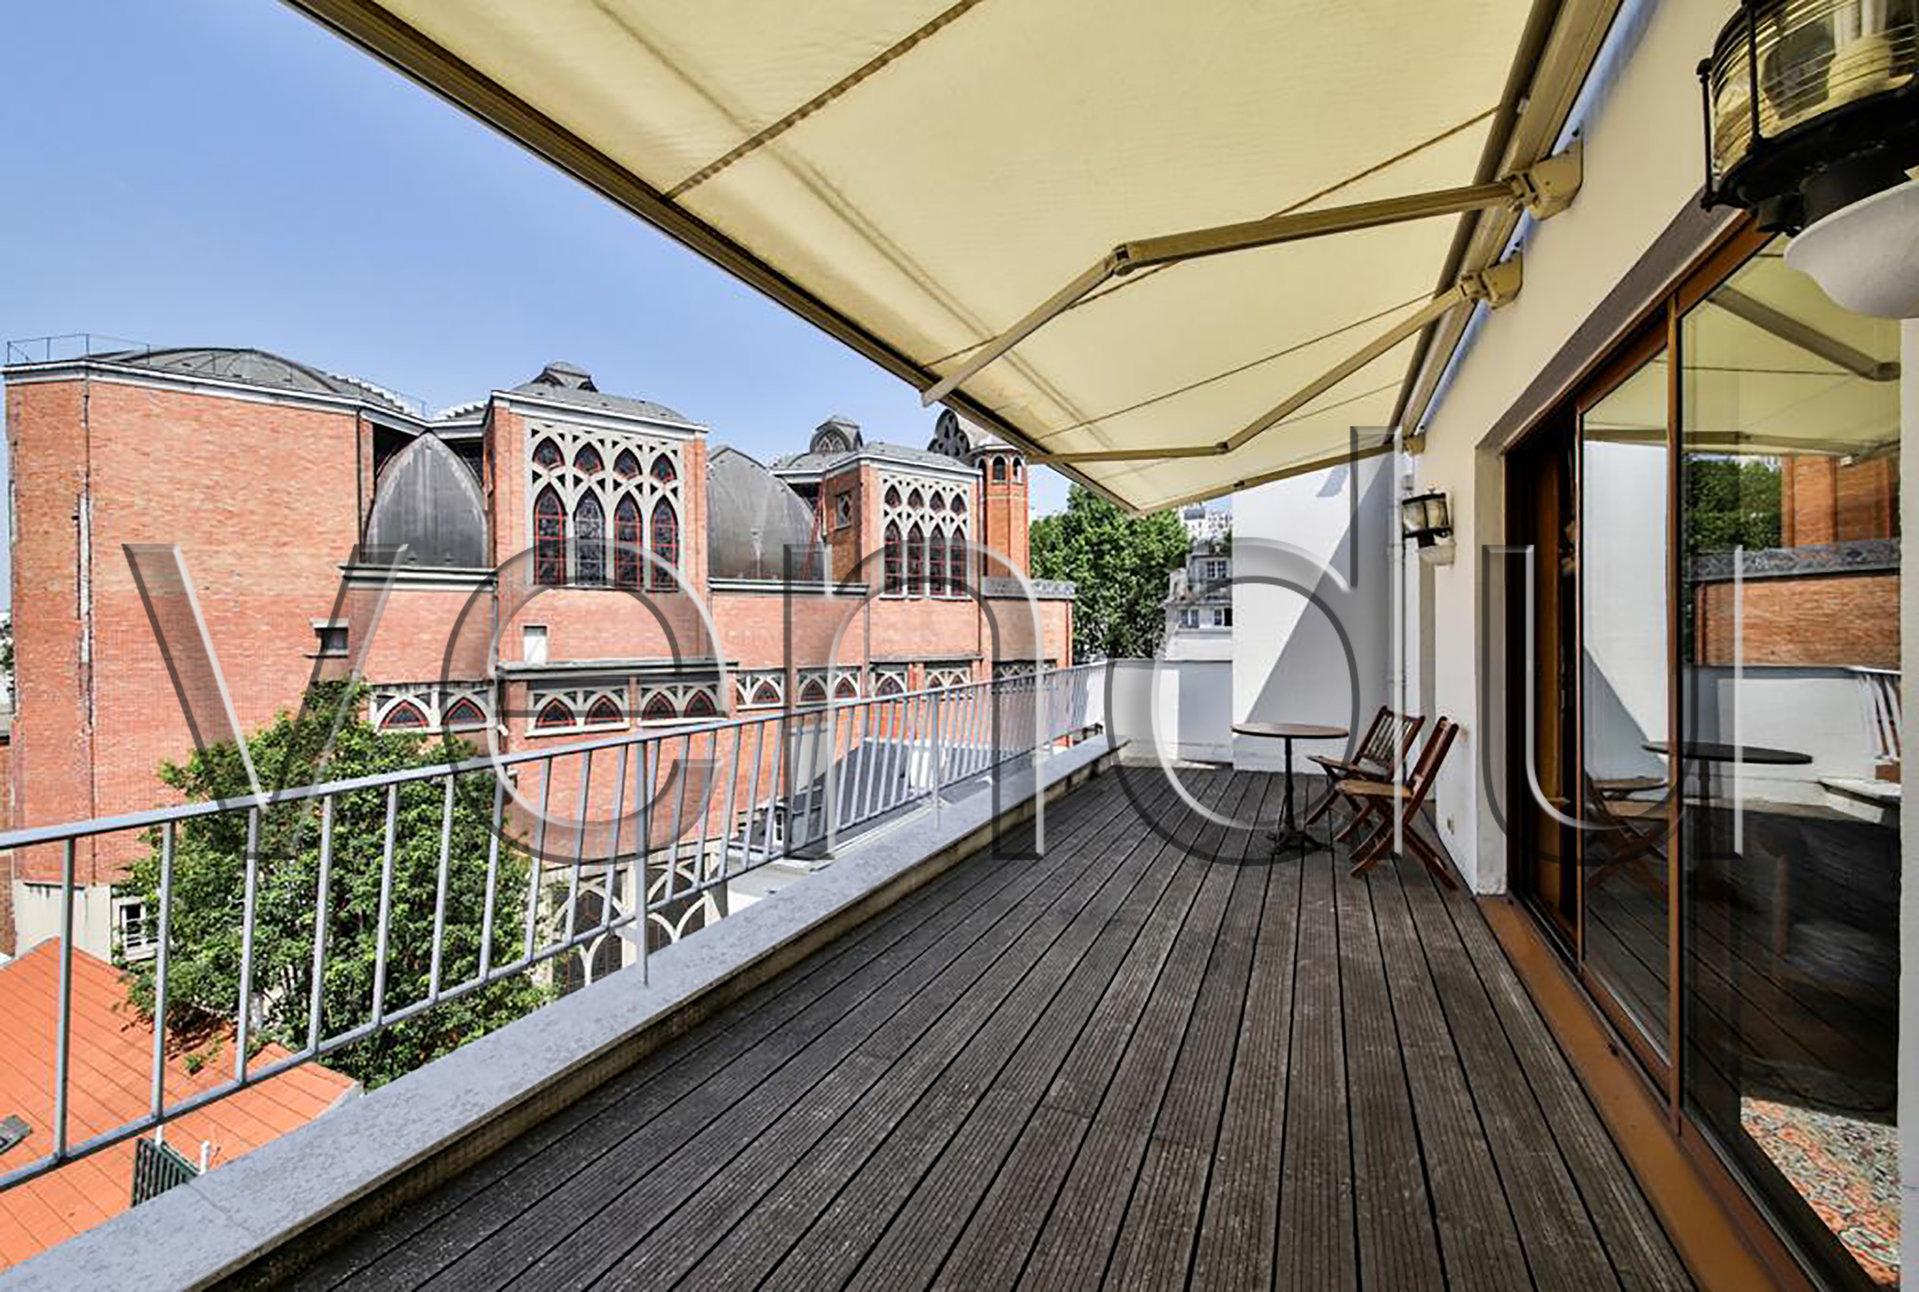 EXCLUSIVITE Abbesses - Dernier étage – Vue panoramique – Terrasse